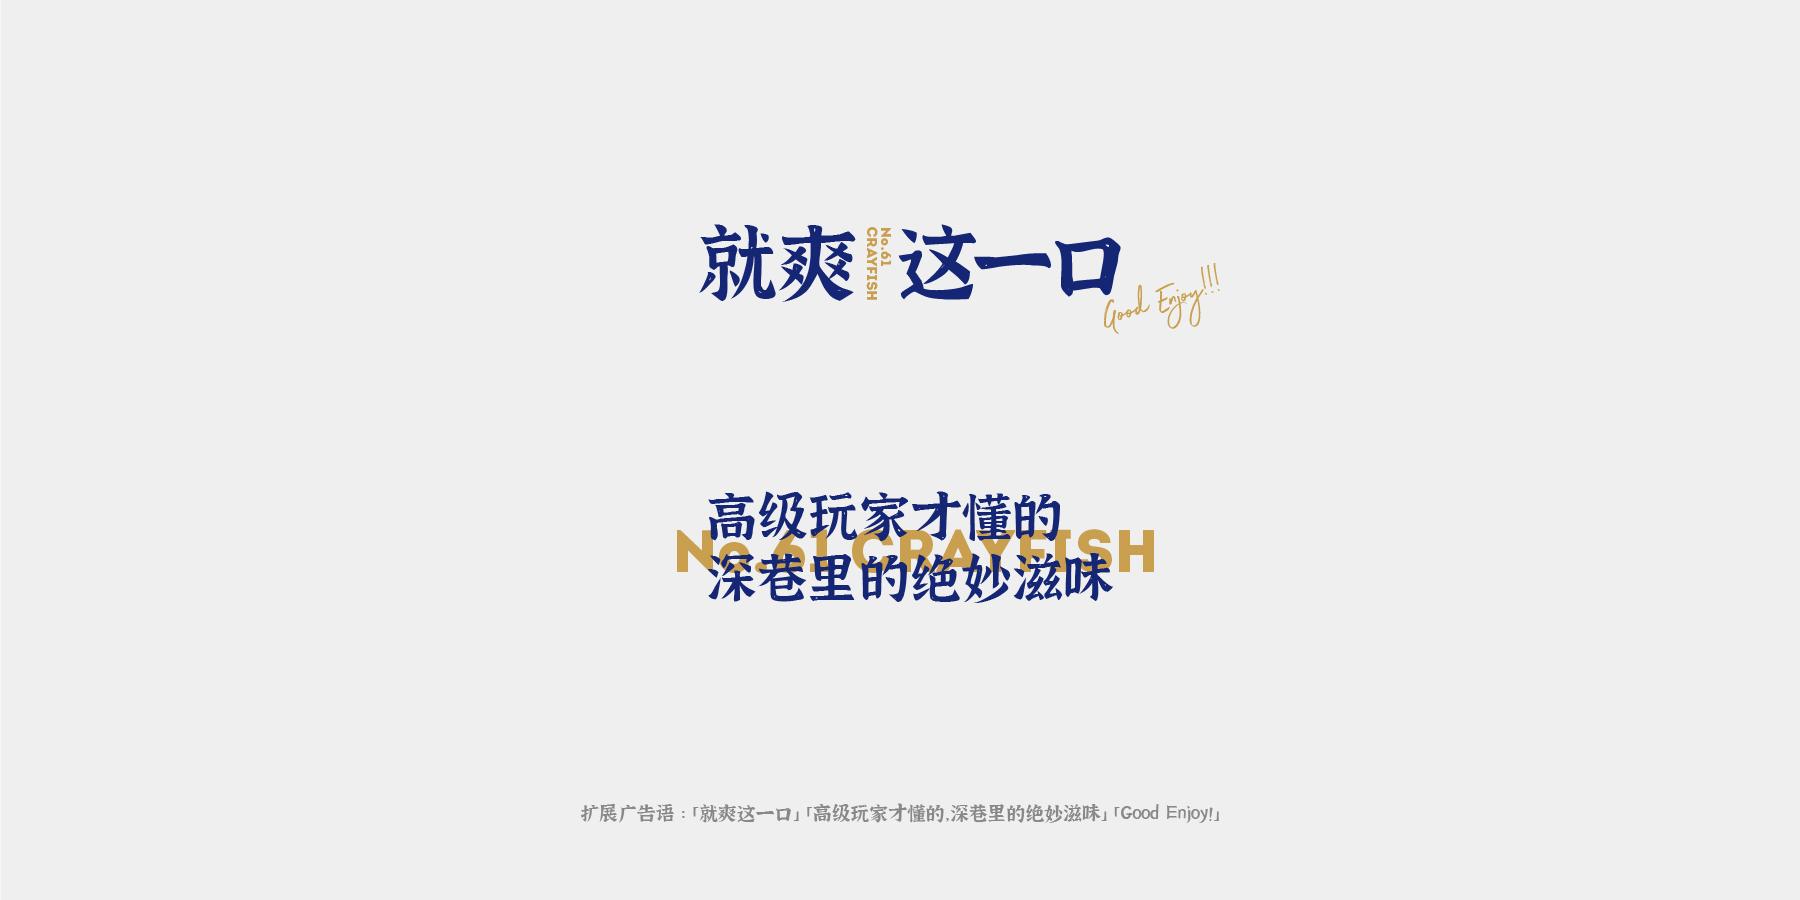 好享龙虾网站-3